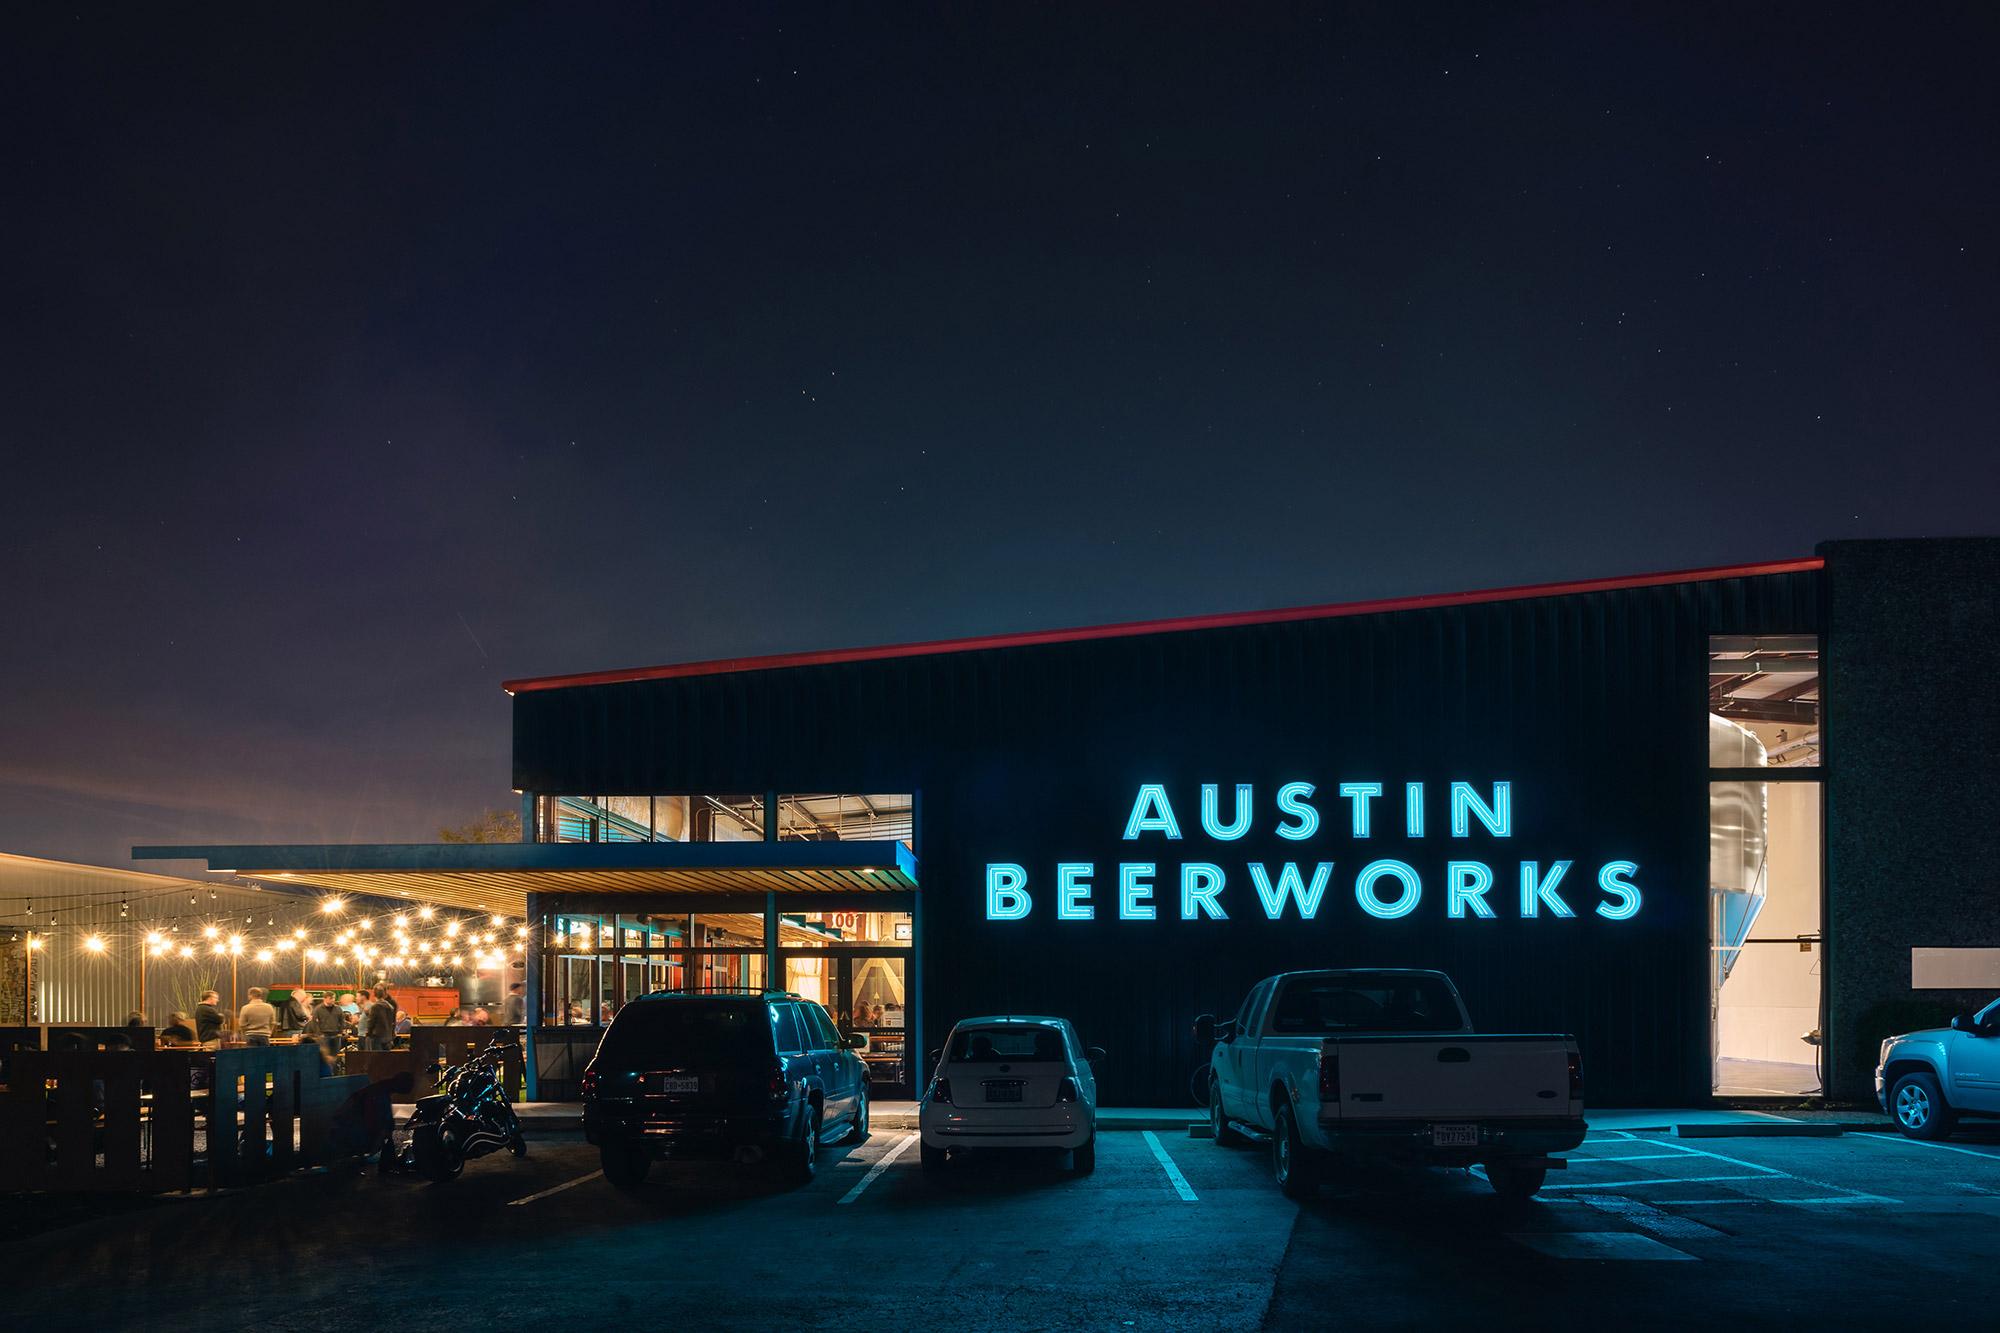 Beer & Branding: Austin Beerworks